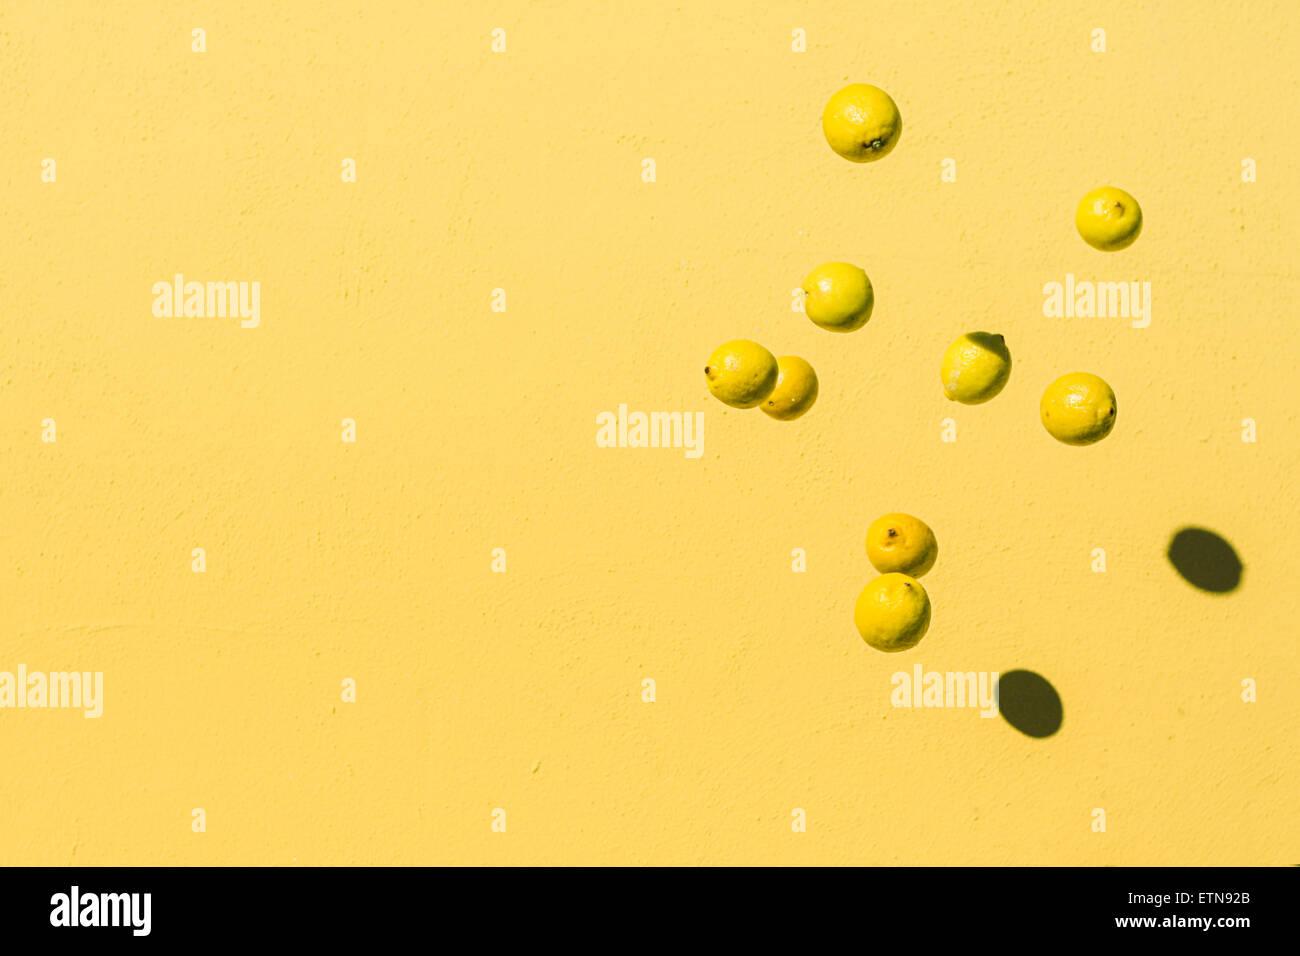 Résumé tiré de citrons voler dans l'air Photo Stock